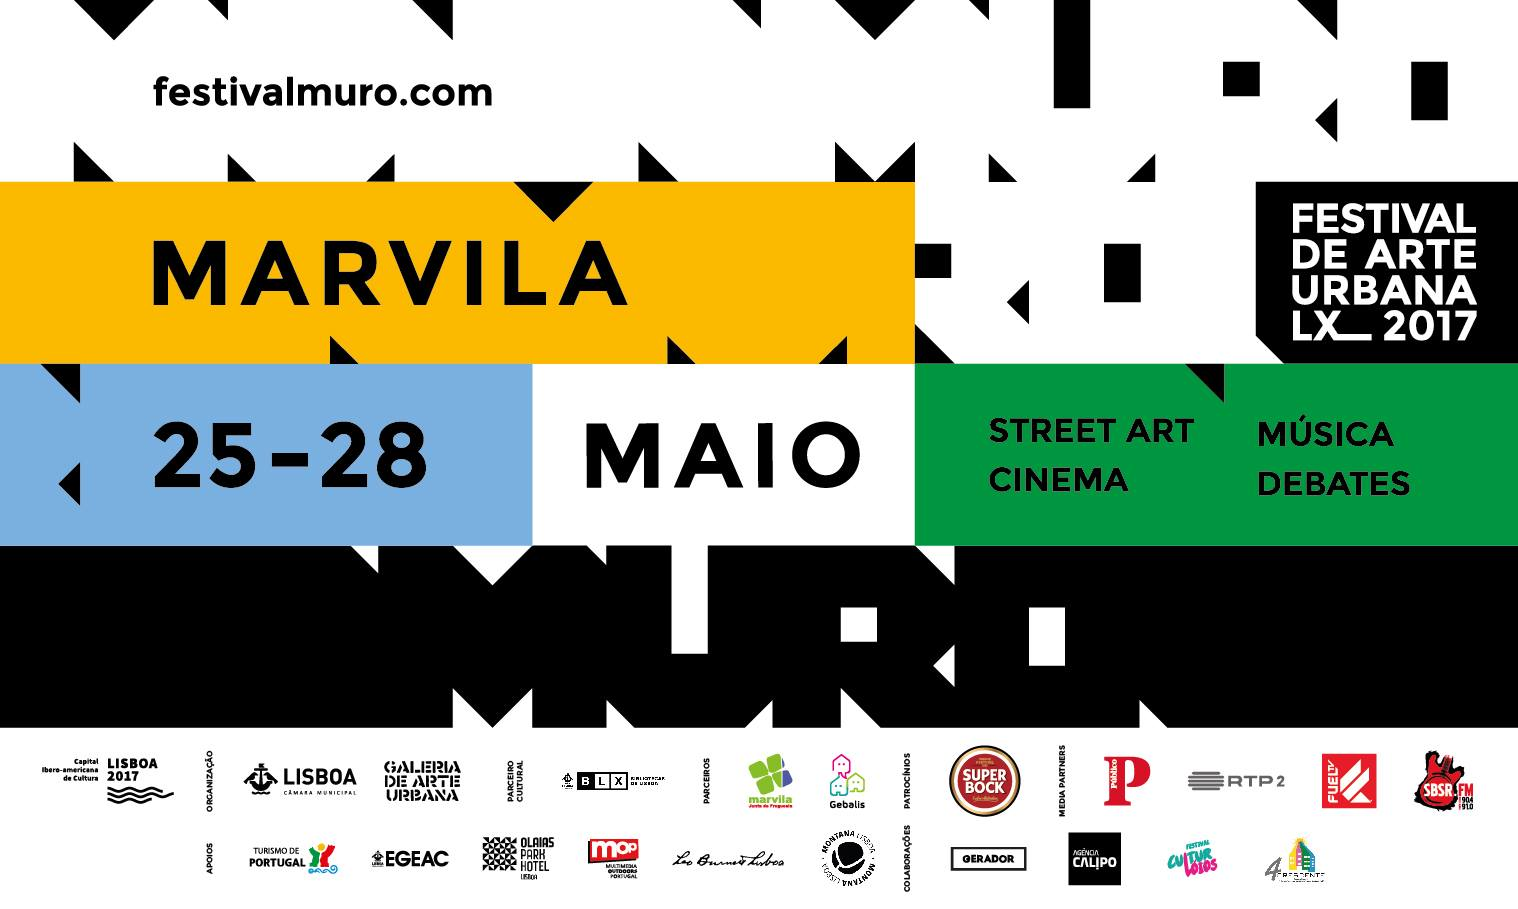 festival-muro